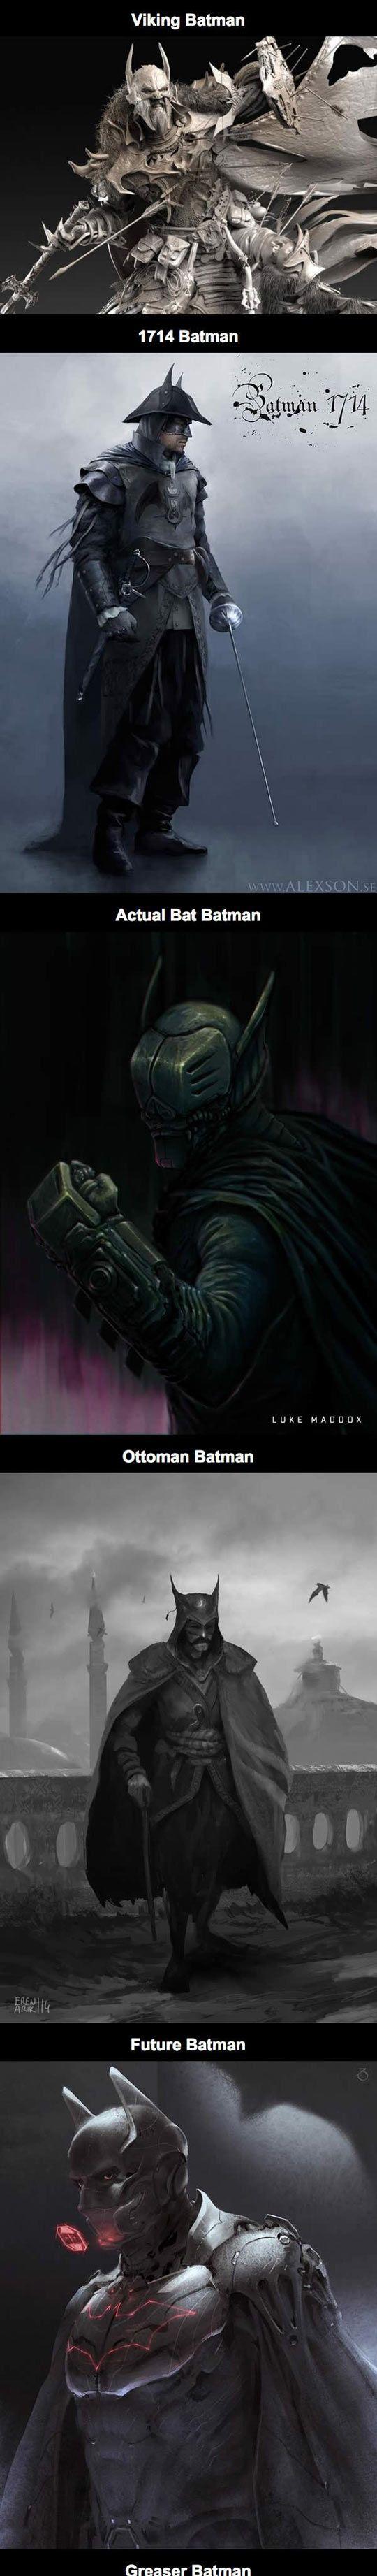 Chicos, no teman mostrar su trabajo y su talento!! Vean estas increíbles ilustraciones!!  Awesome Alternate Fan Art Takes On Batman - Click to see all